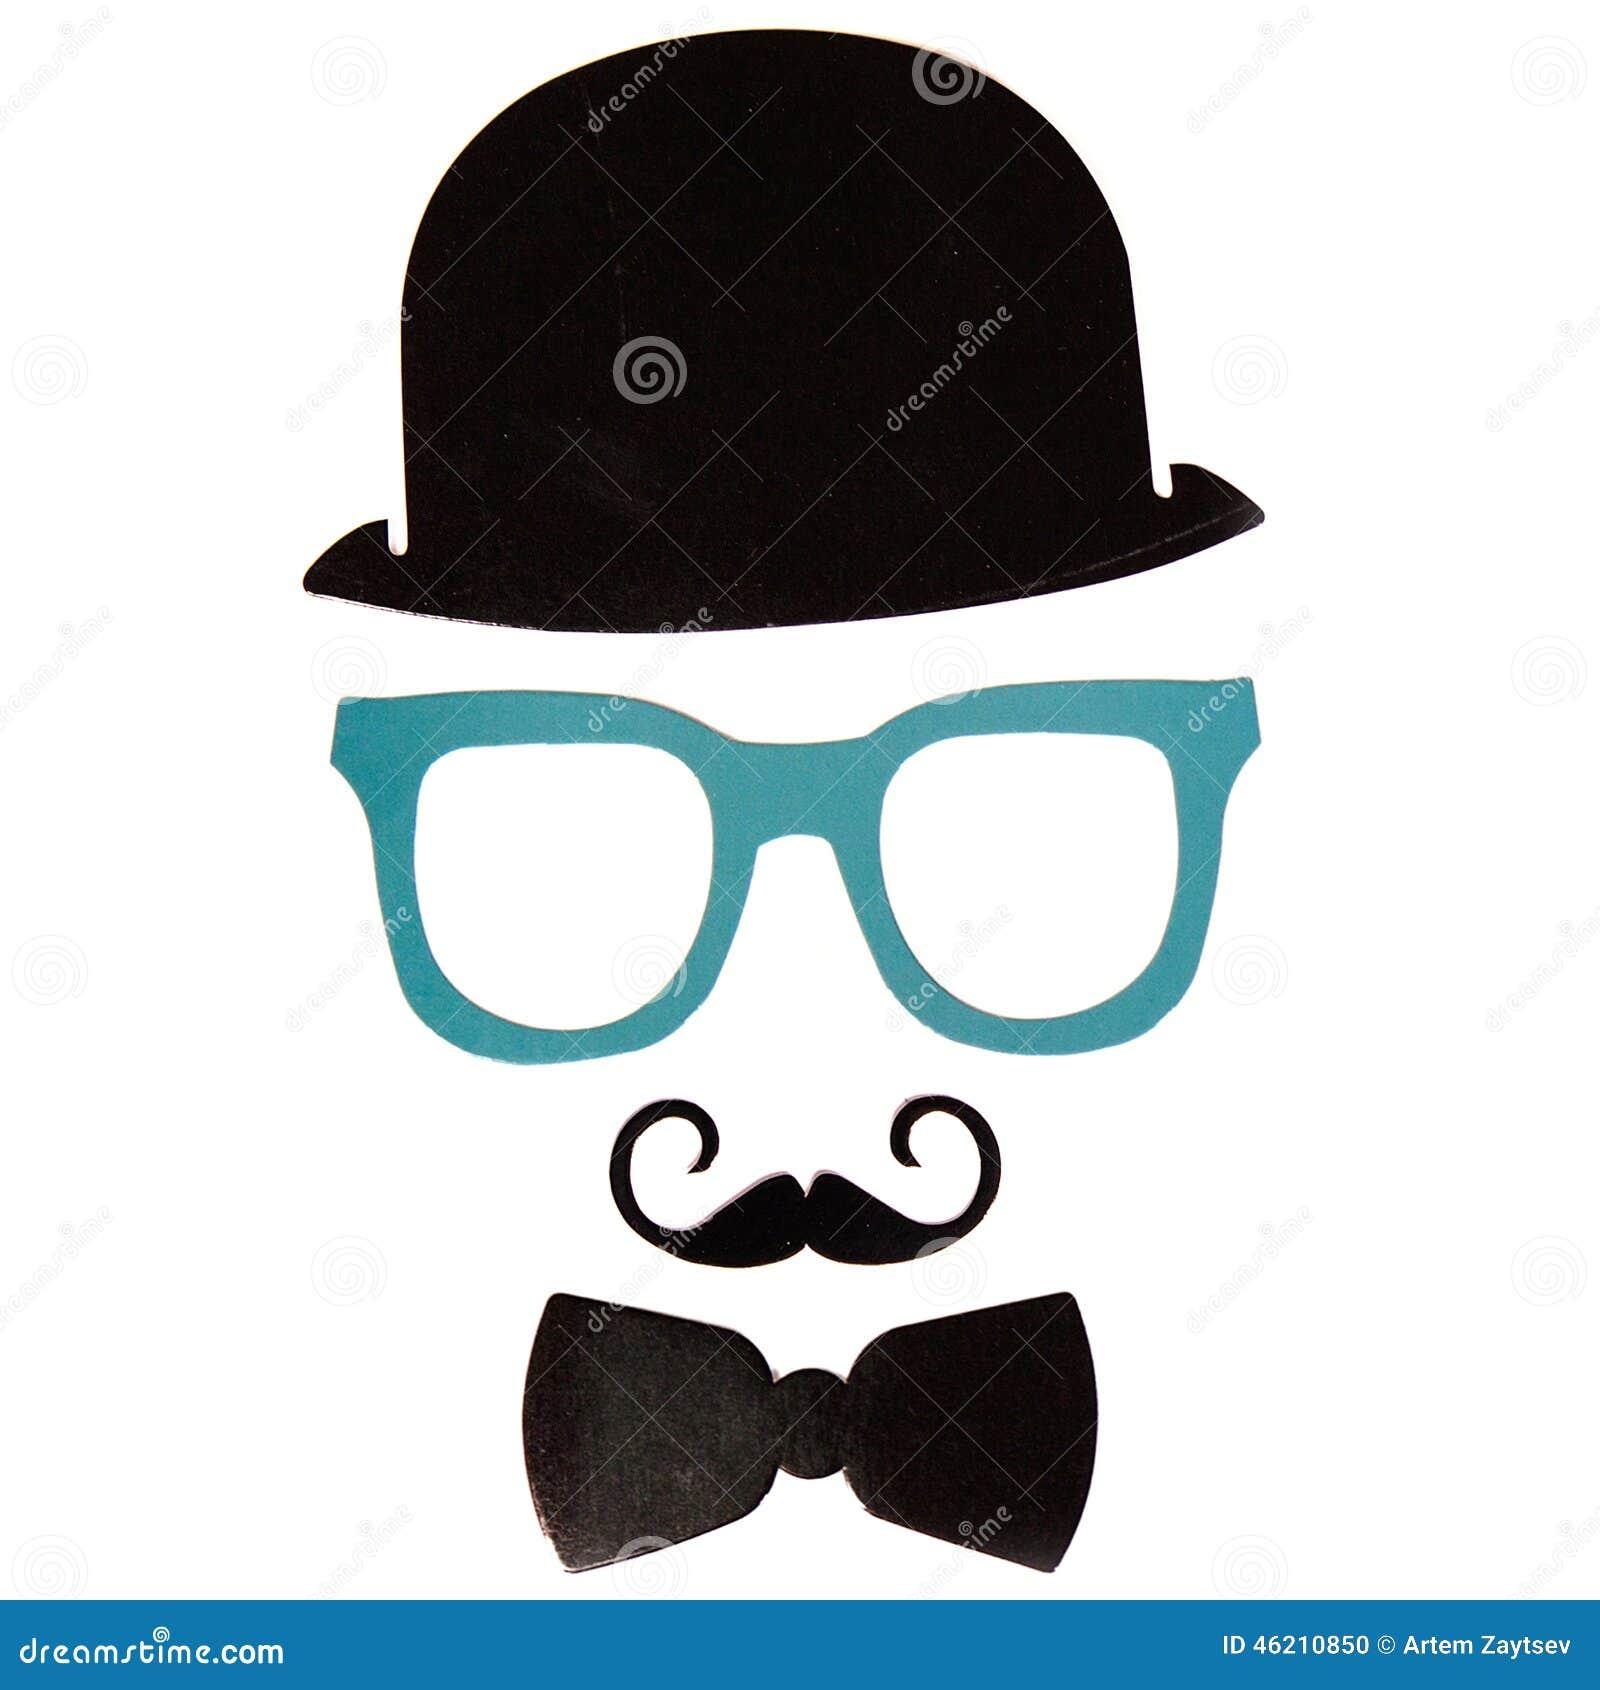 De de Photoboothverjaardag en Partij plaatsen - glazen, hoeden, kronen, maskers